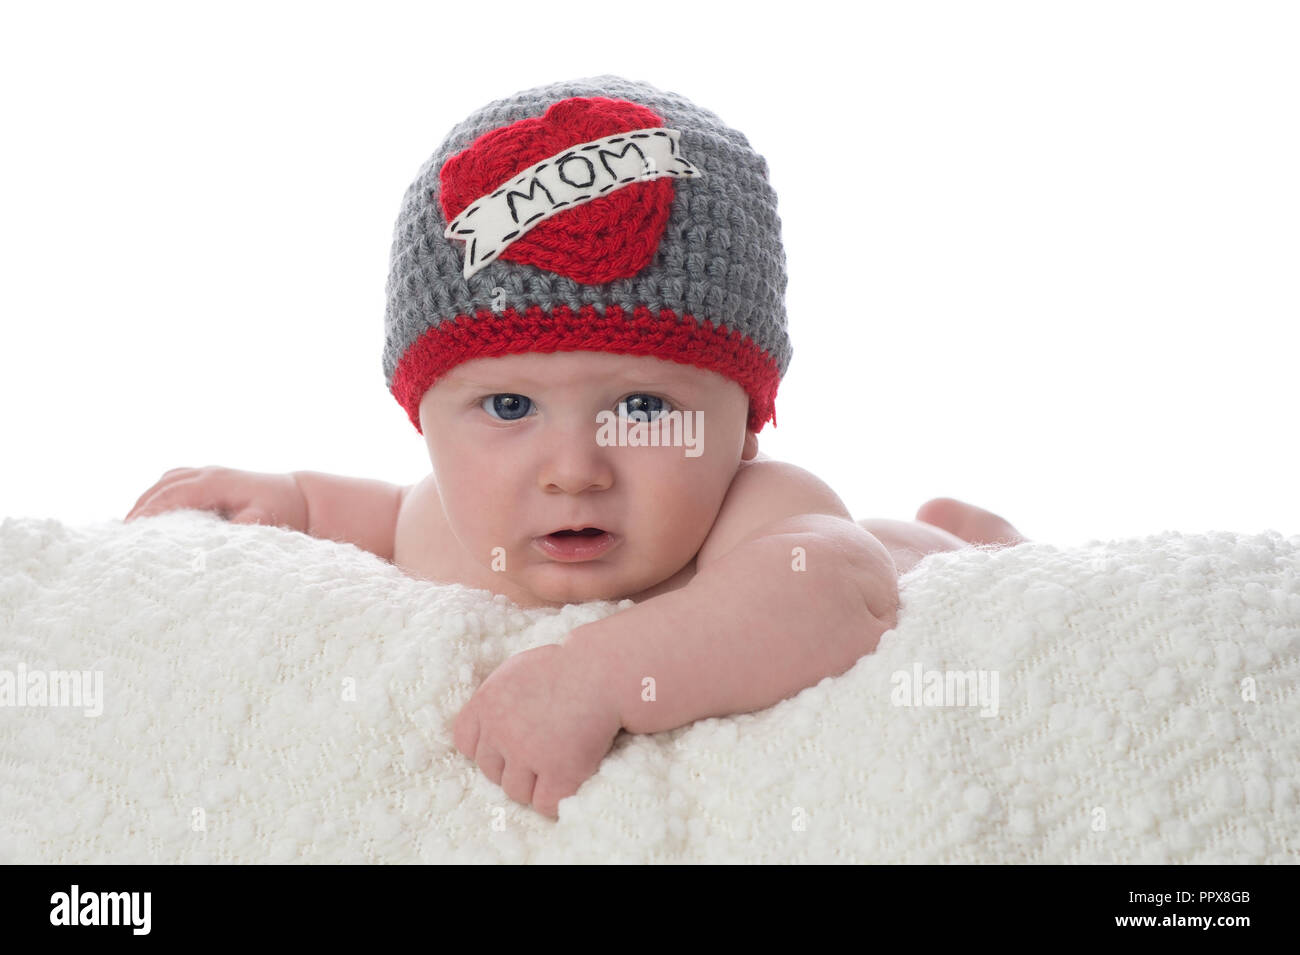 11e012092 Un bebé de 2 meses tumbado sobre su estómago en una sábana blanca. Él está